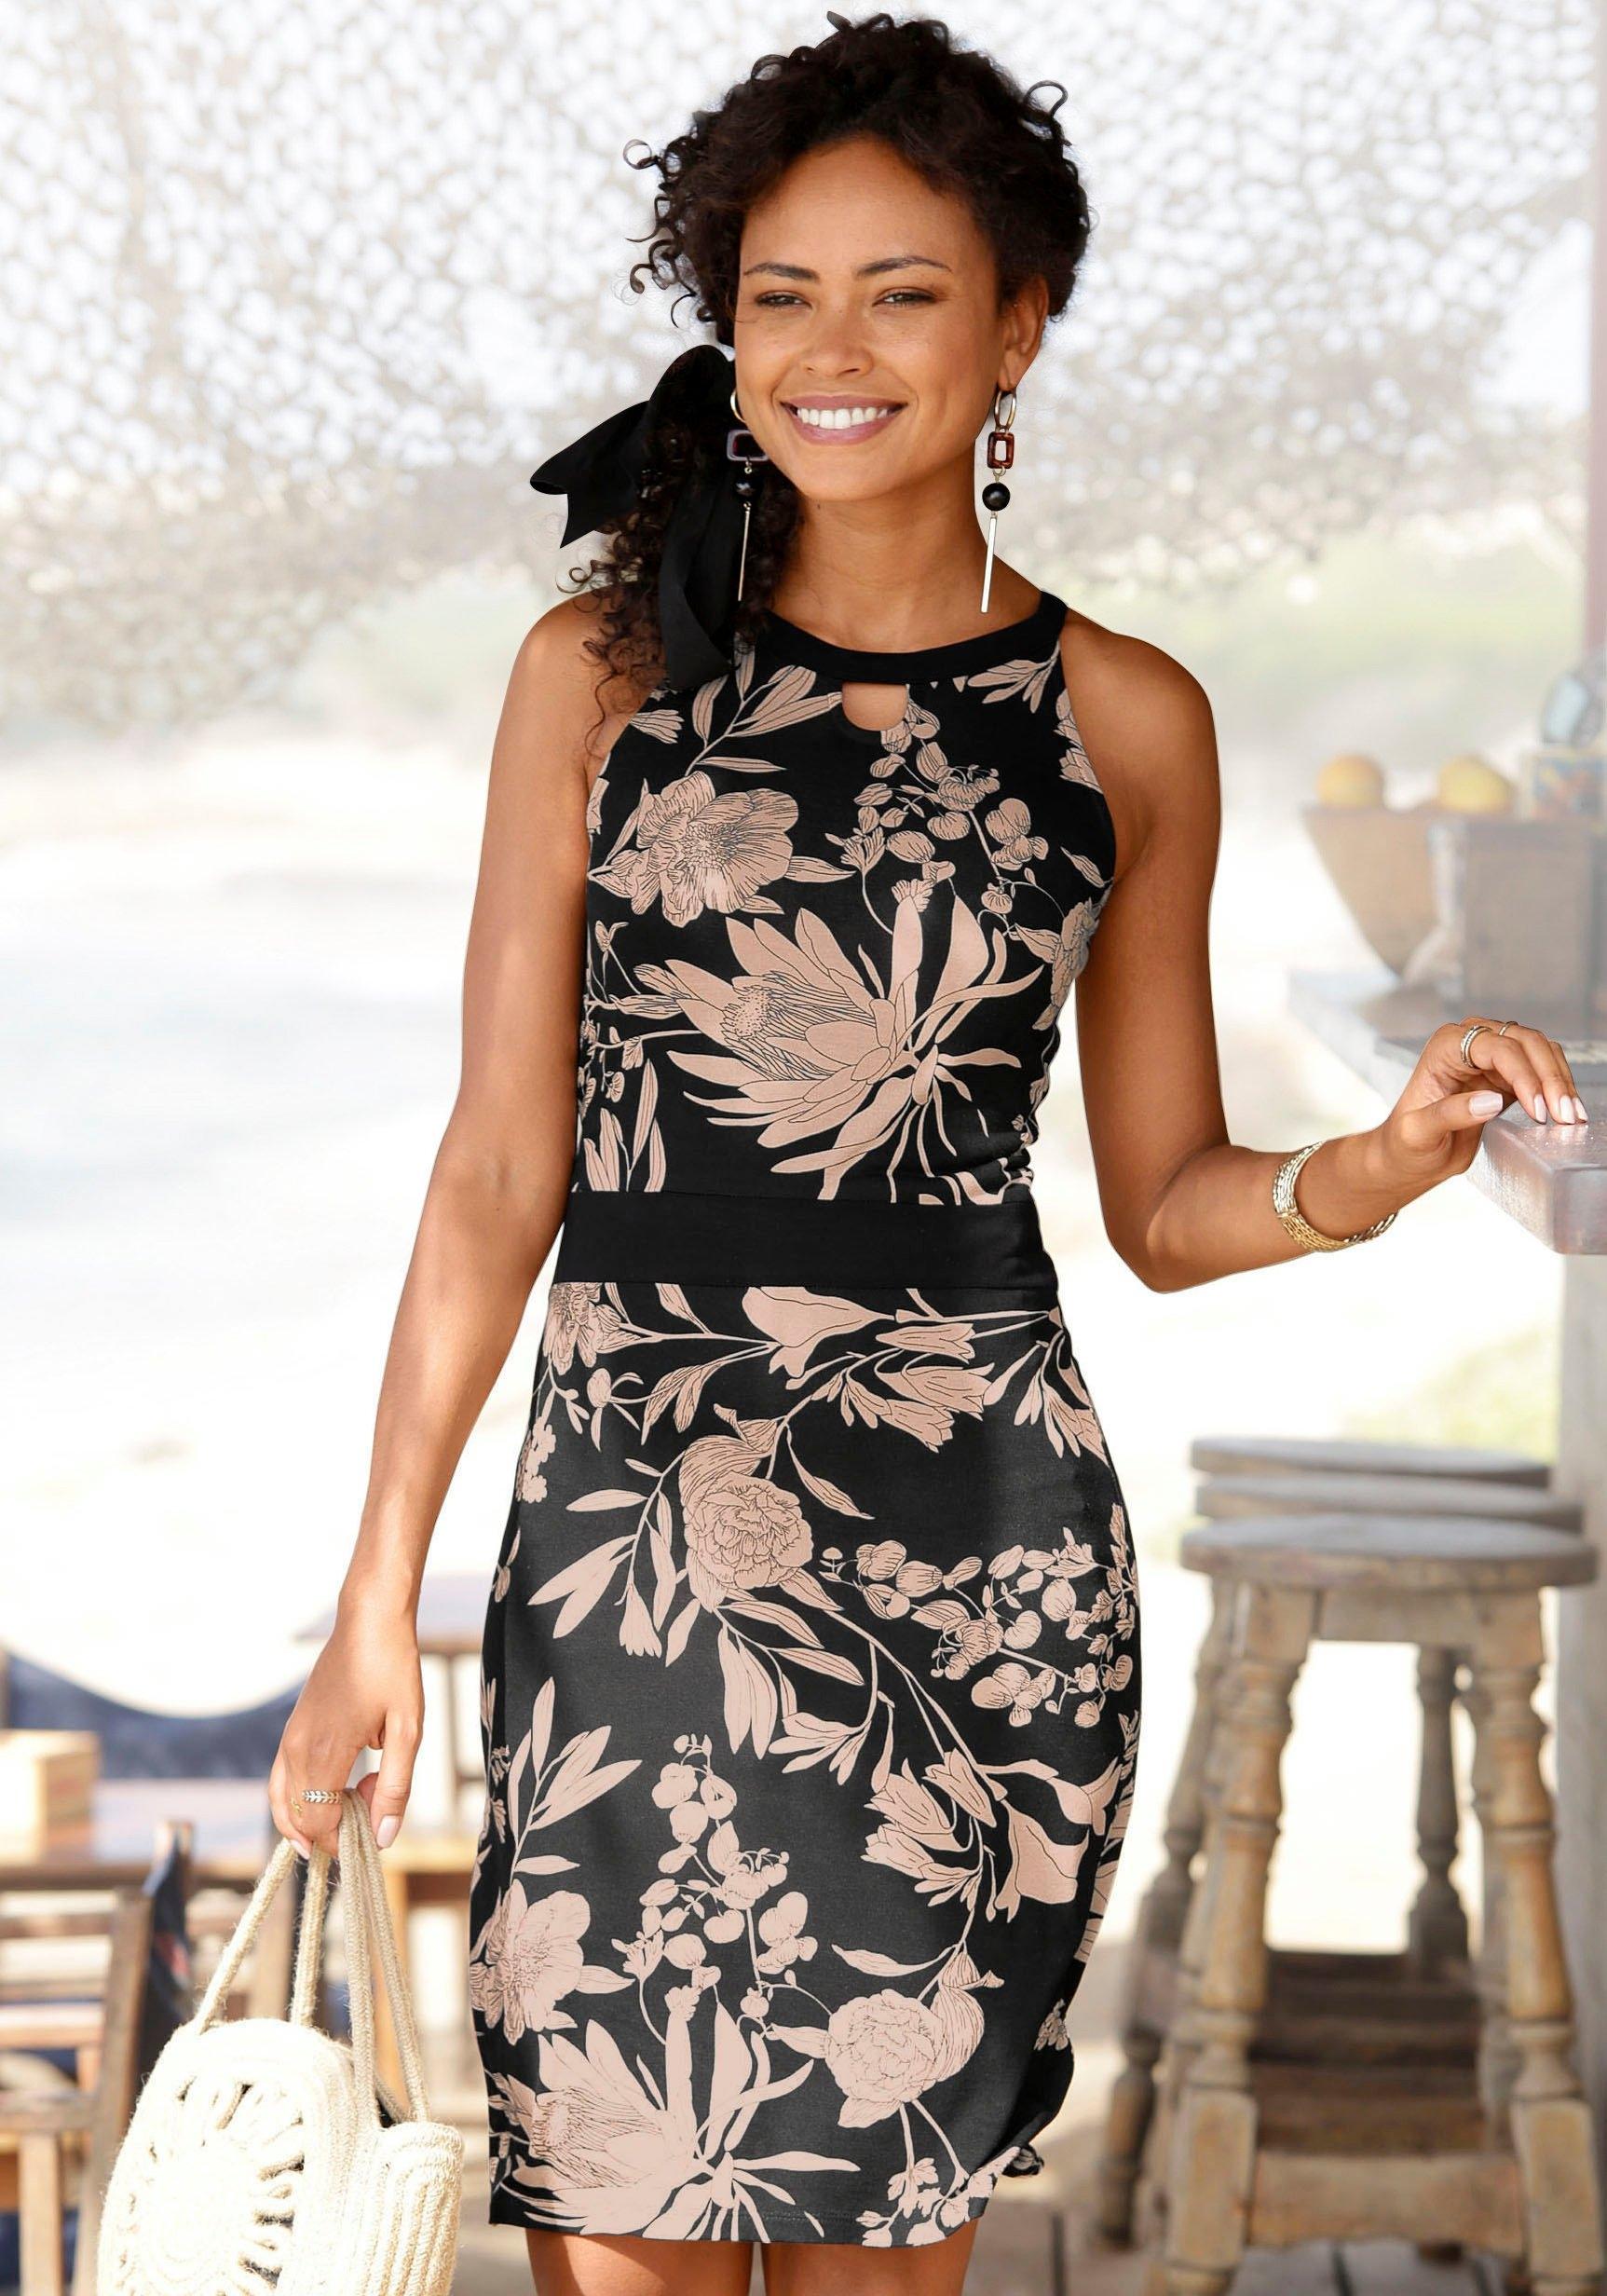 Lascana Gedessineerde jurk met bloemenprint nu online kopen bij Lascana